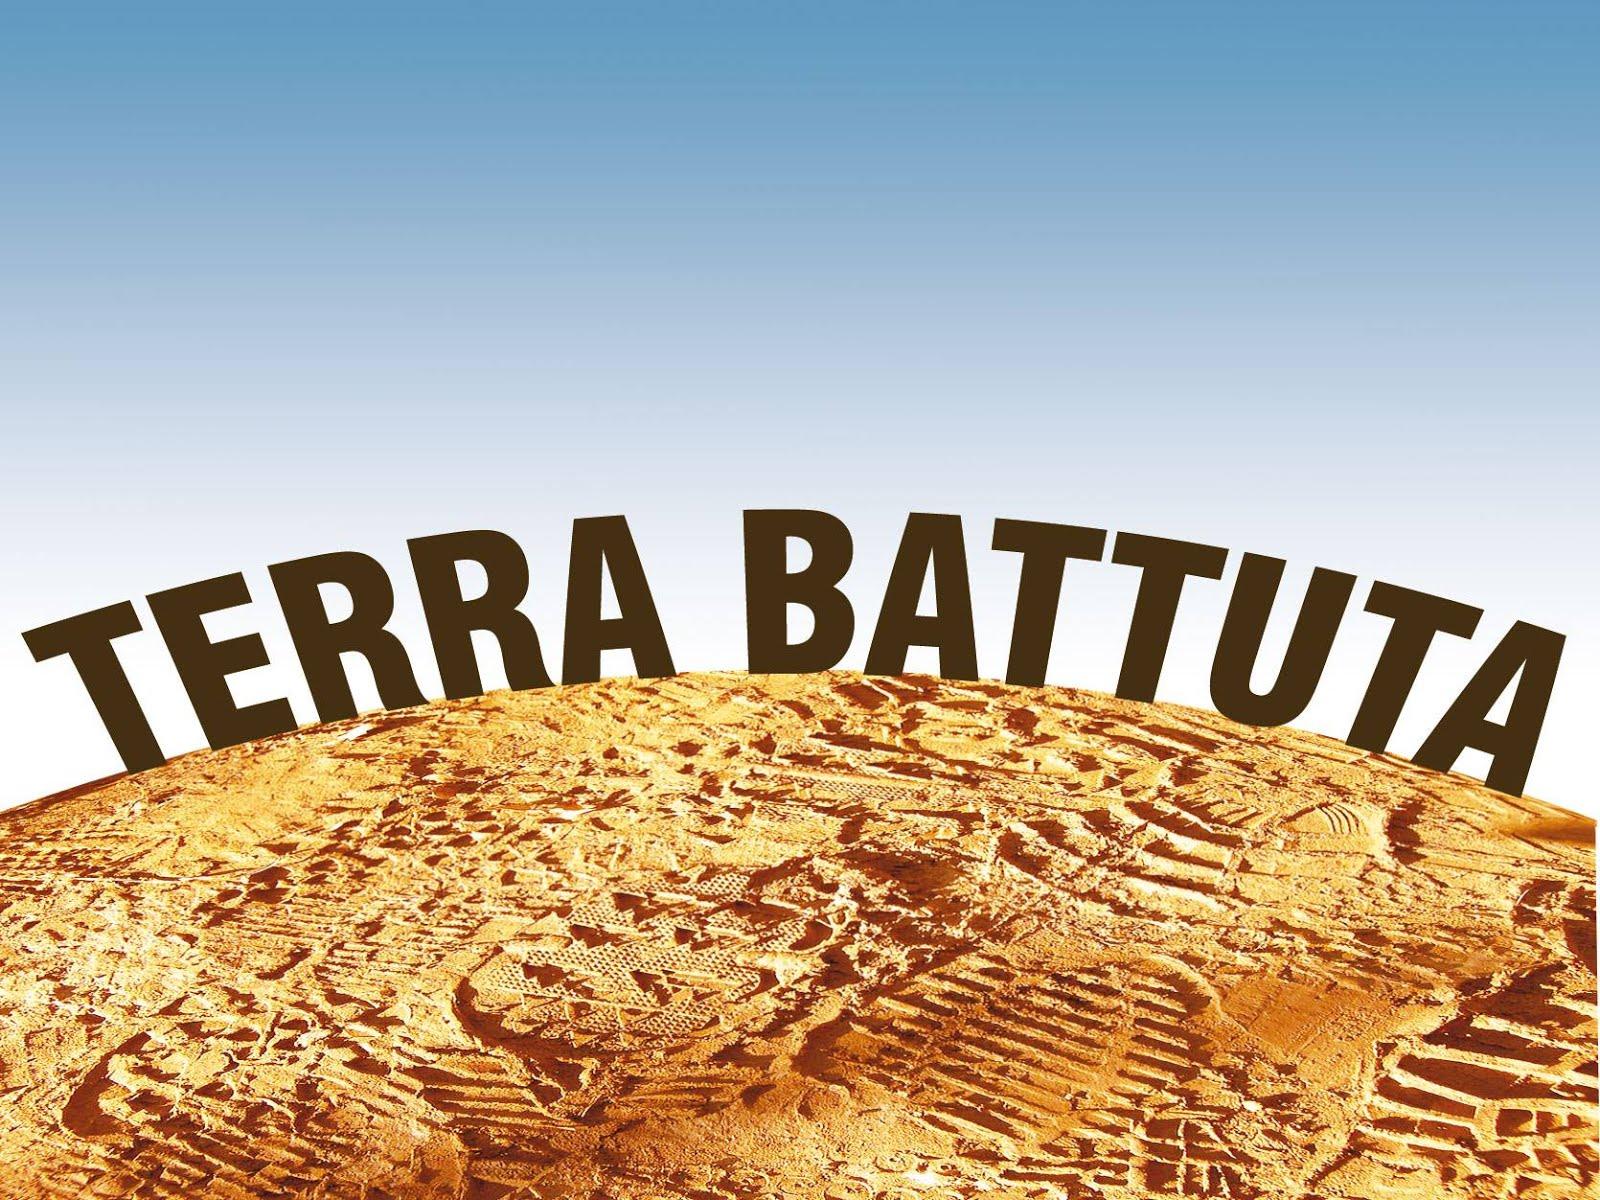 Associazione Terra Battuta